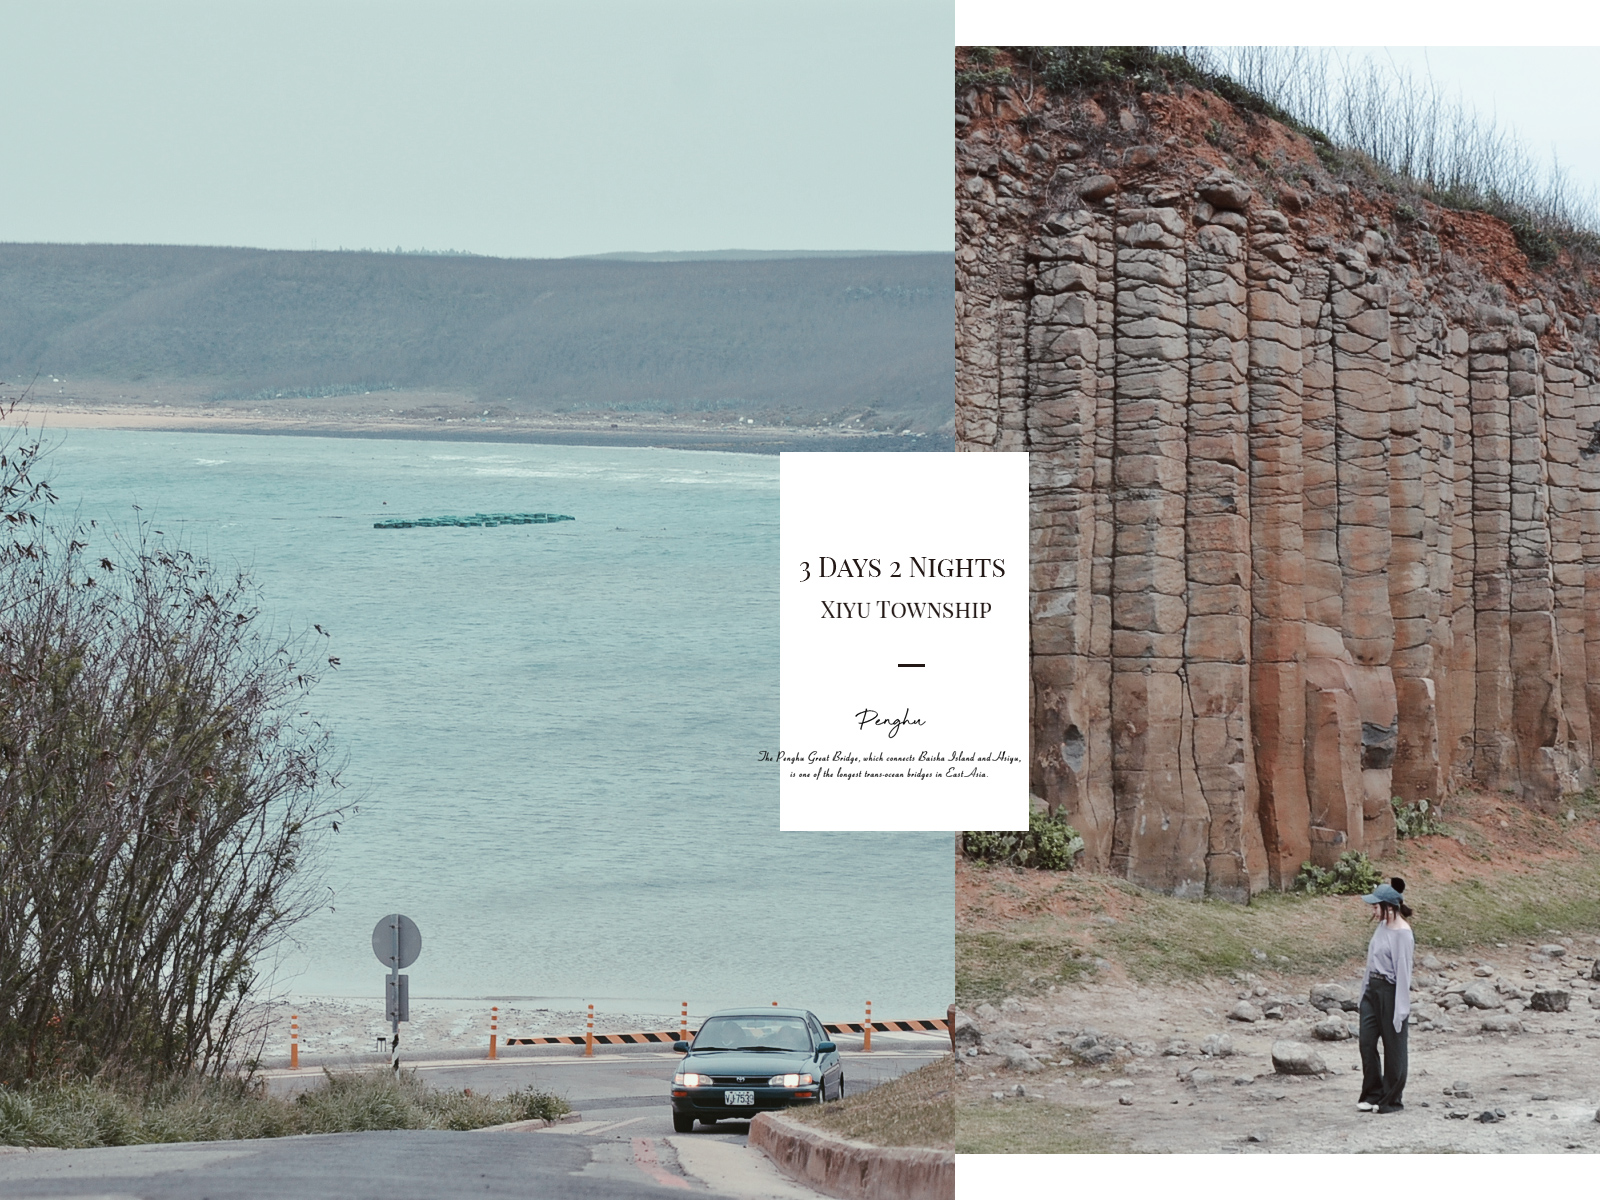 澎湖IG打卡景點|池東大菓葉玄武岩-世界級景點,澎湖最浪漫的藍色公路